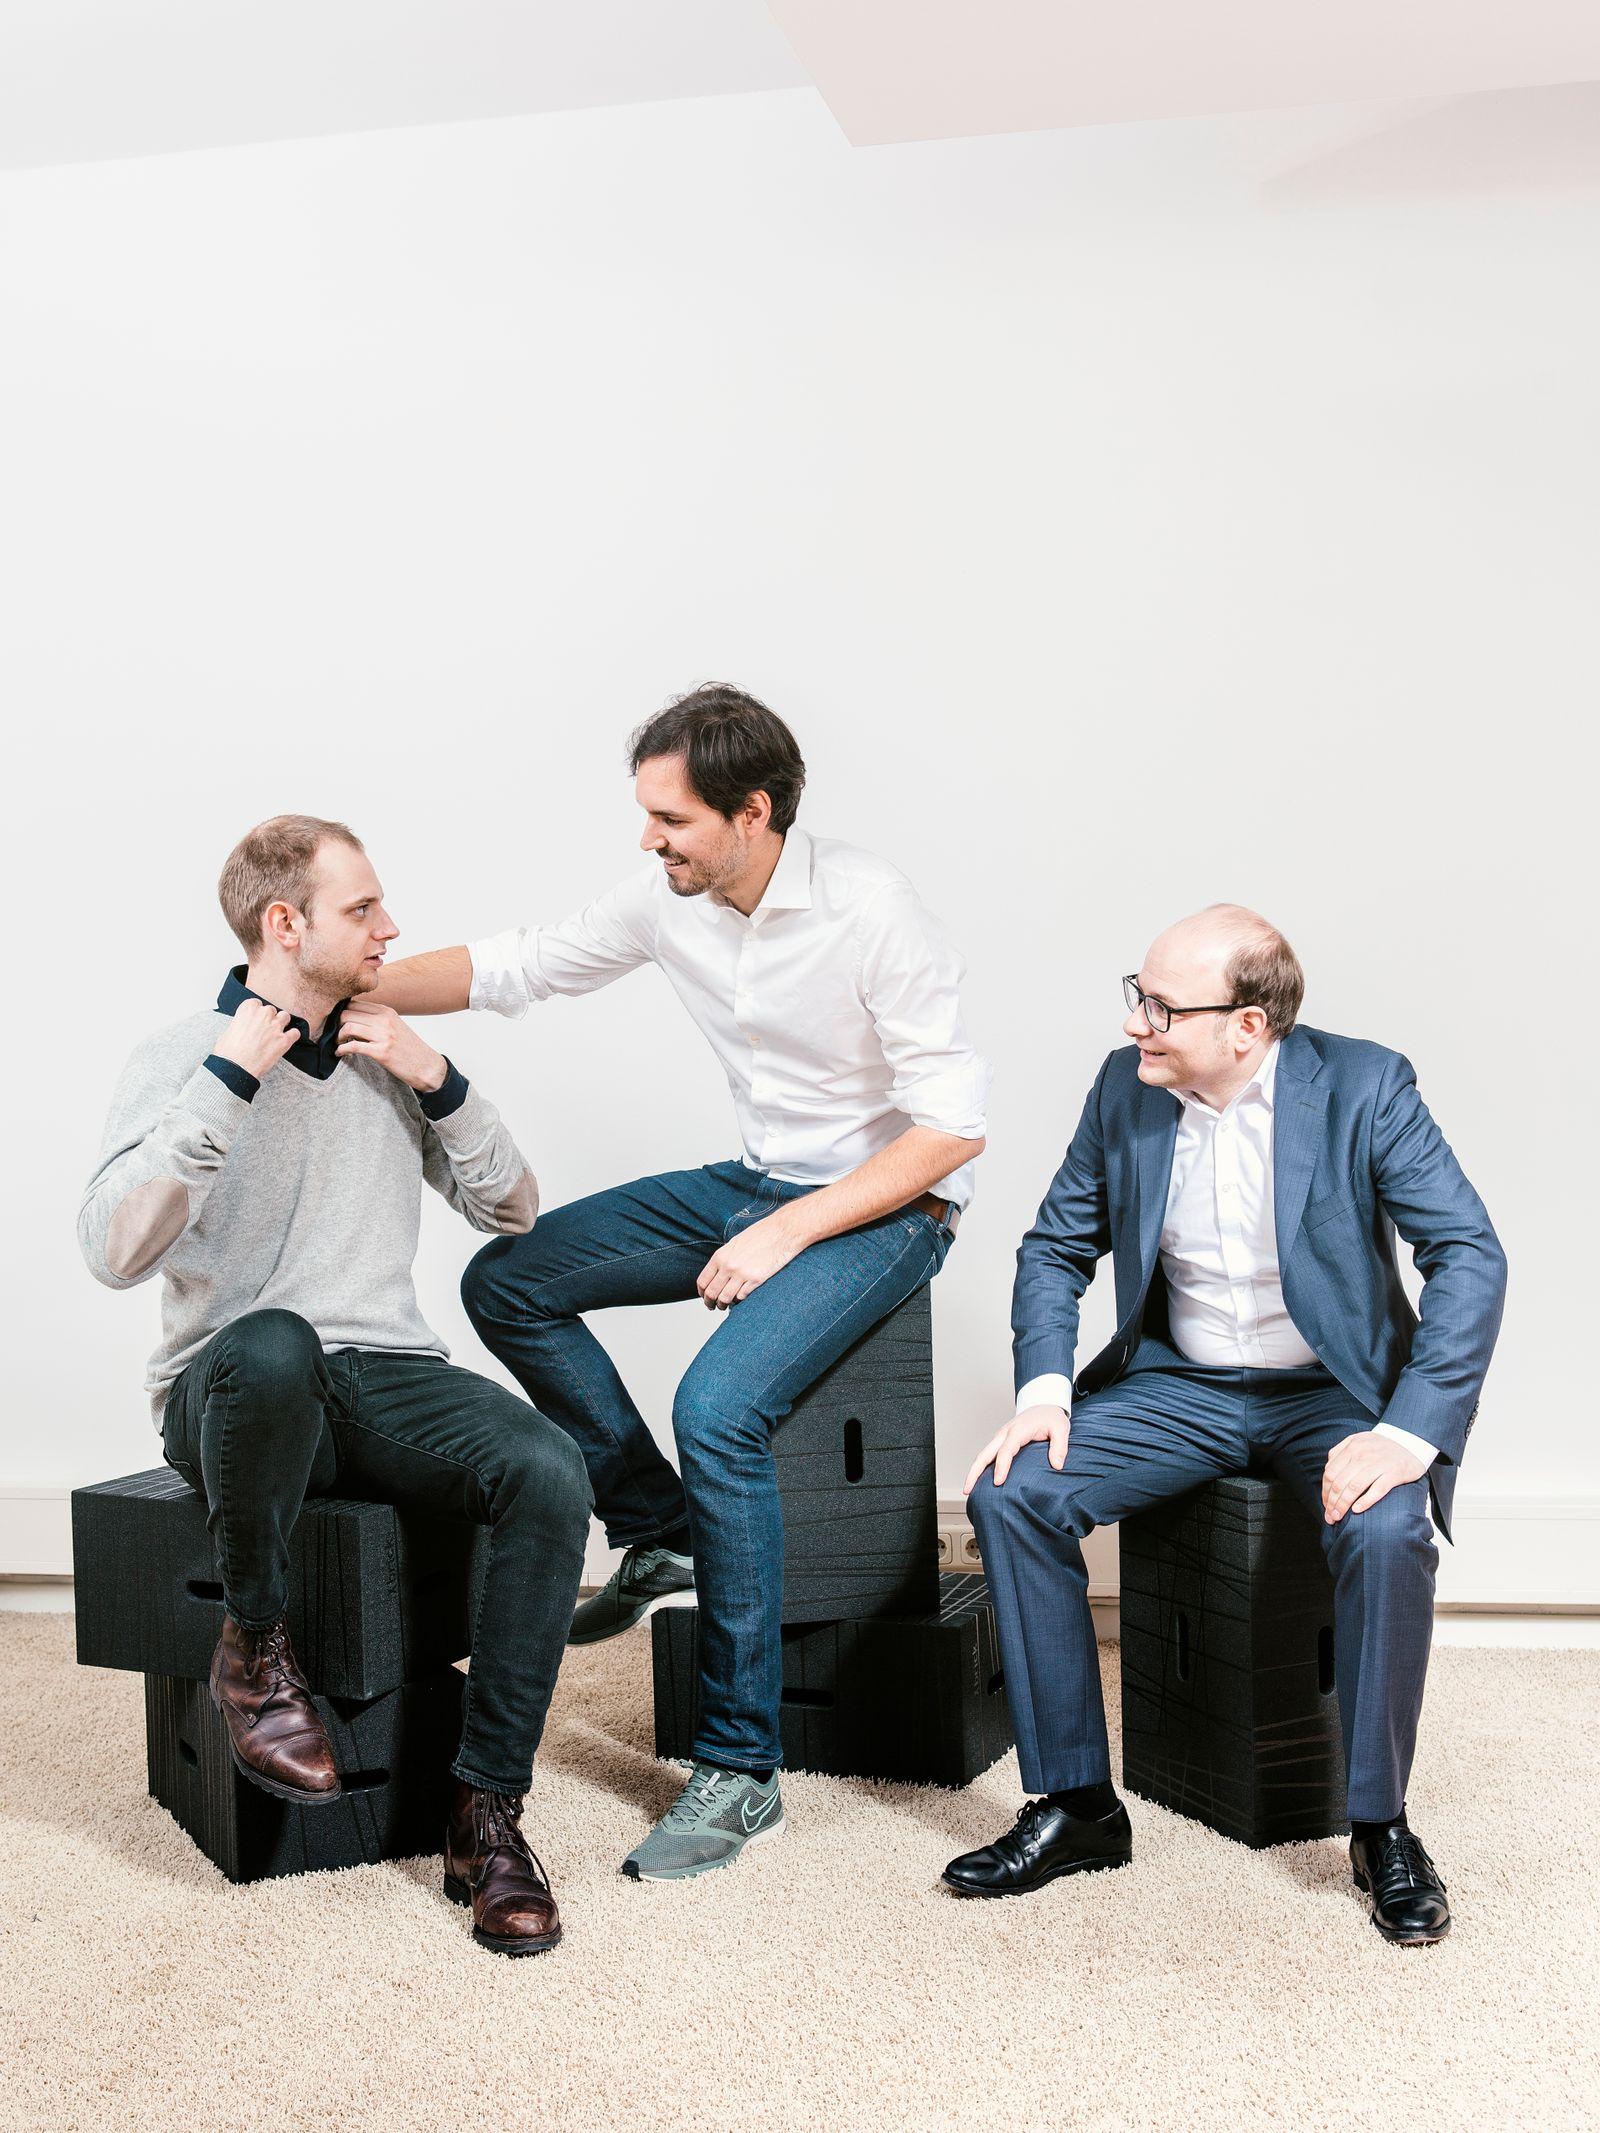 Martin Klenk, Bastian Nominacher und Alexander Rinke. Startup Celonis für Capital Magazin